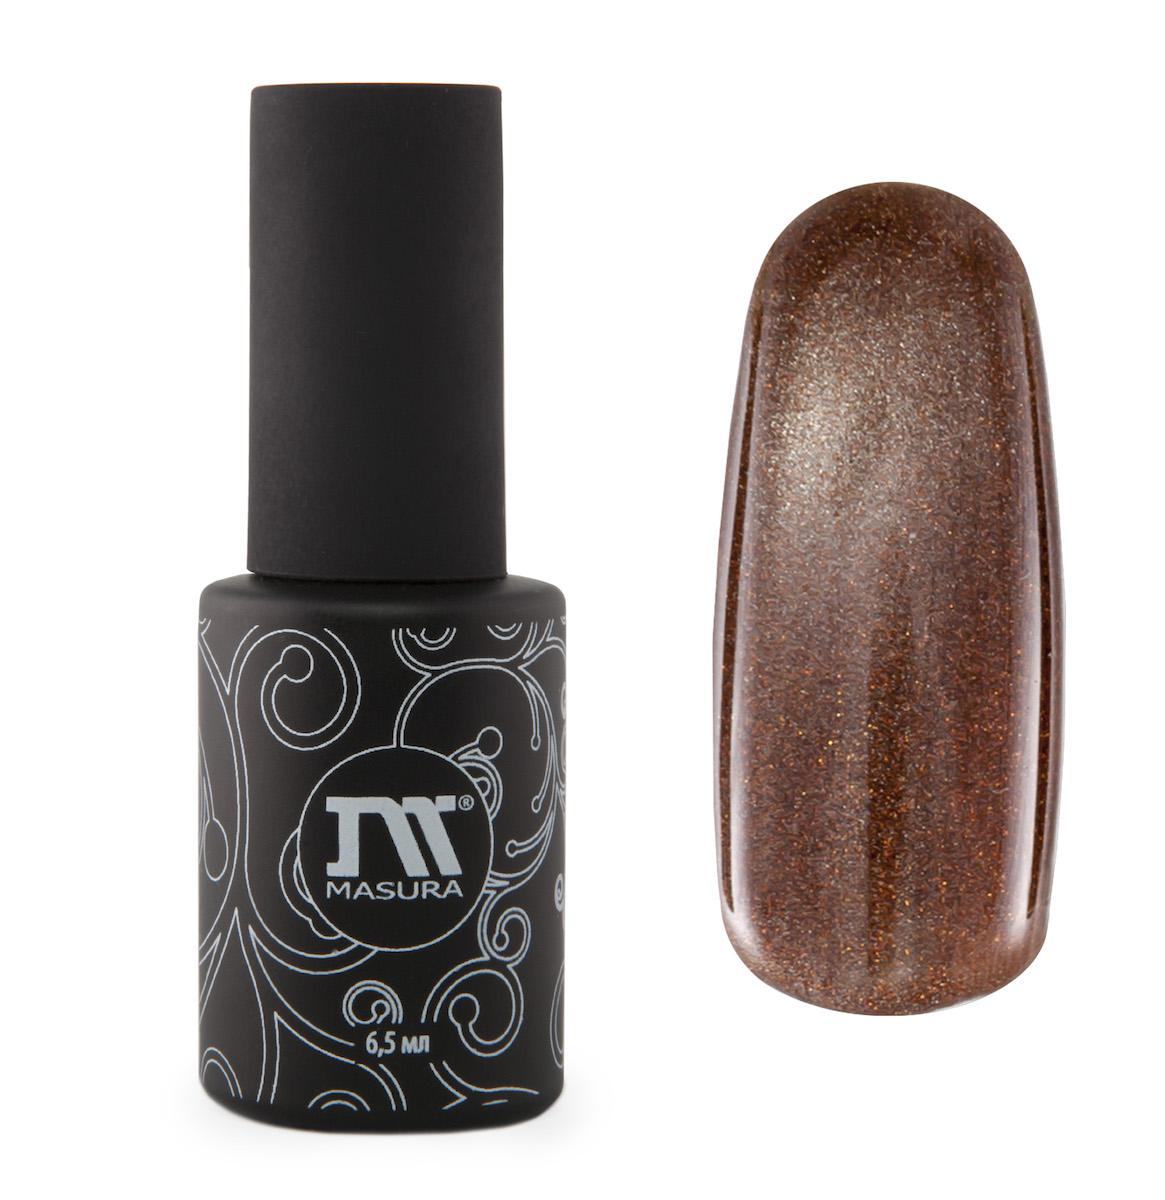 Masura Гель-лак Шапка Мономаха, 6,5 мл1301207золотисто-коричневый с зеркальным переливом, с золотыми микроблестками, плотный